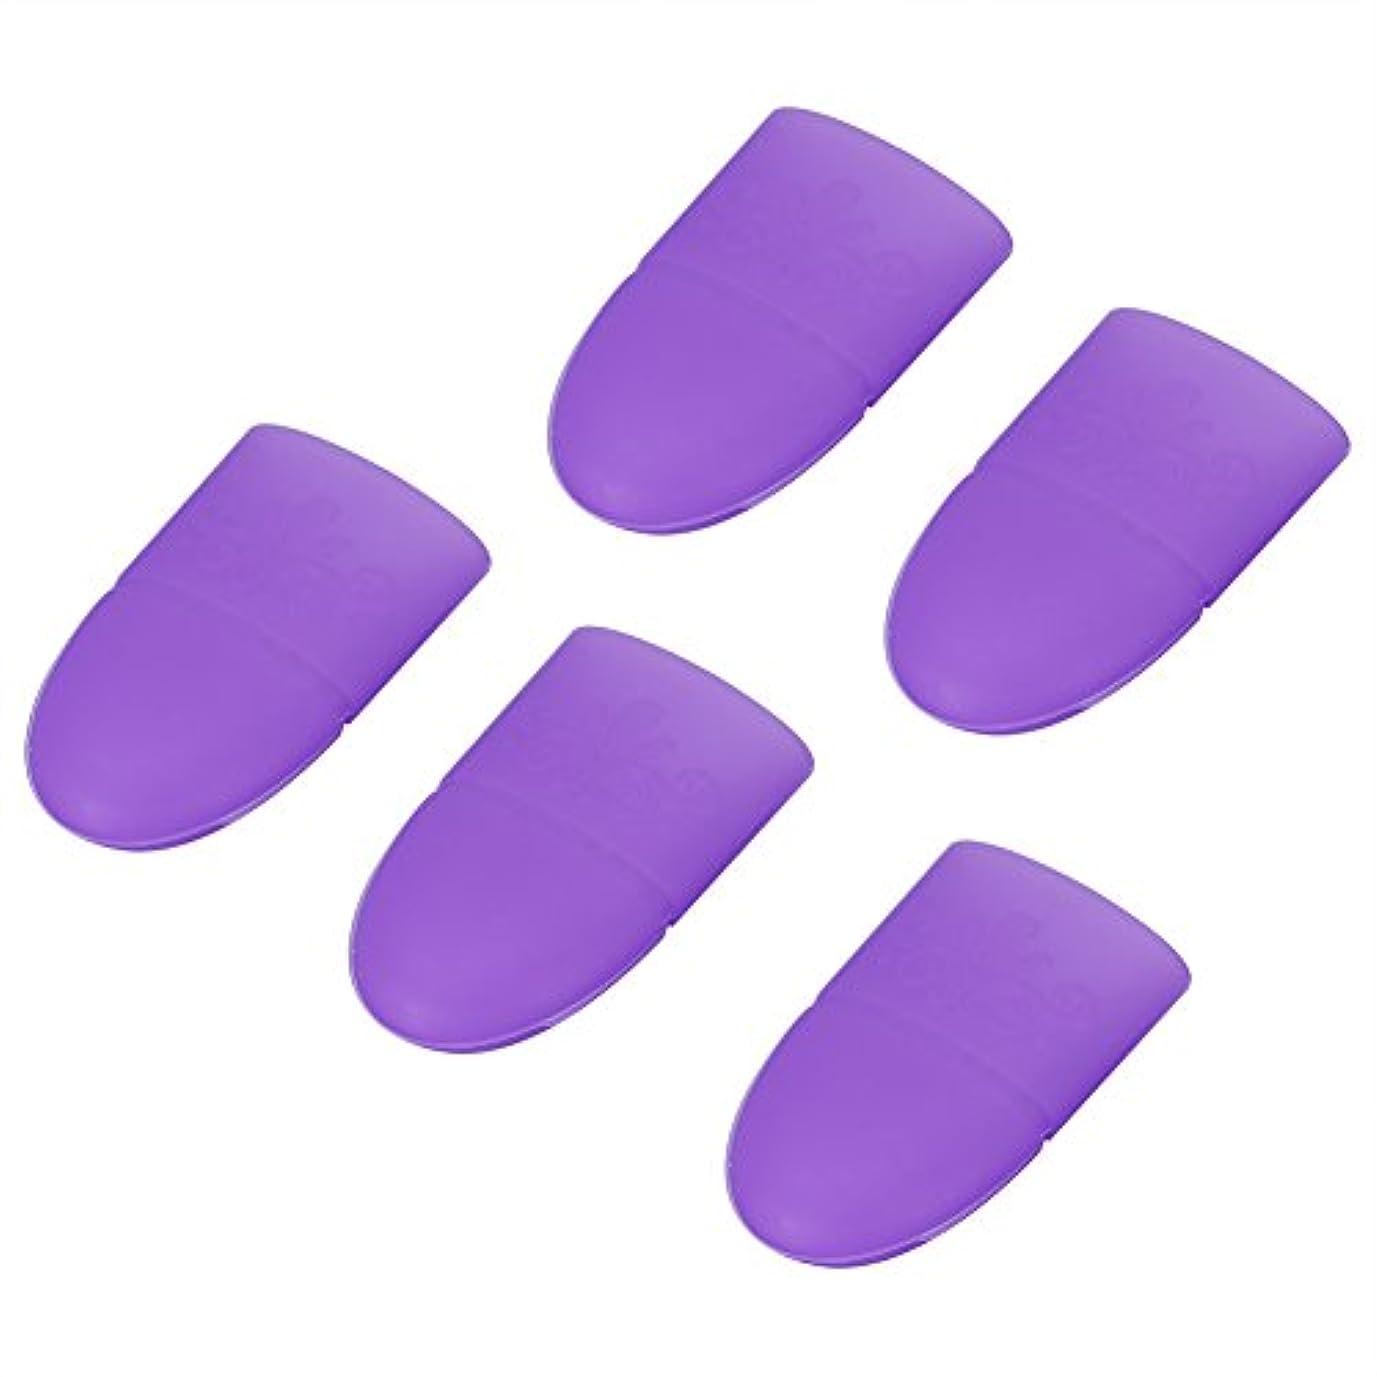 欠陥タンカーボタンネイルジェルポリッシュキャップ、6色5個/セットネイルアートソークオフキャップジェルポリッシュリムーバーマニキュアソフトシリコン再利用クリップ(#3)